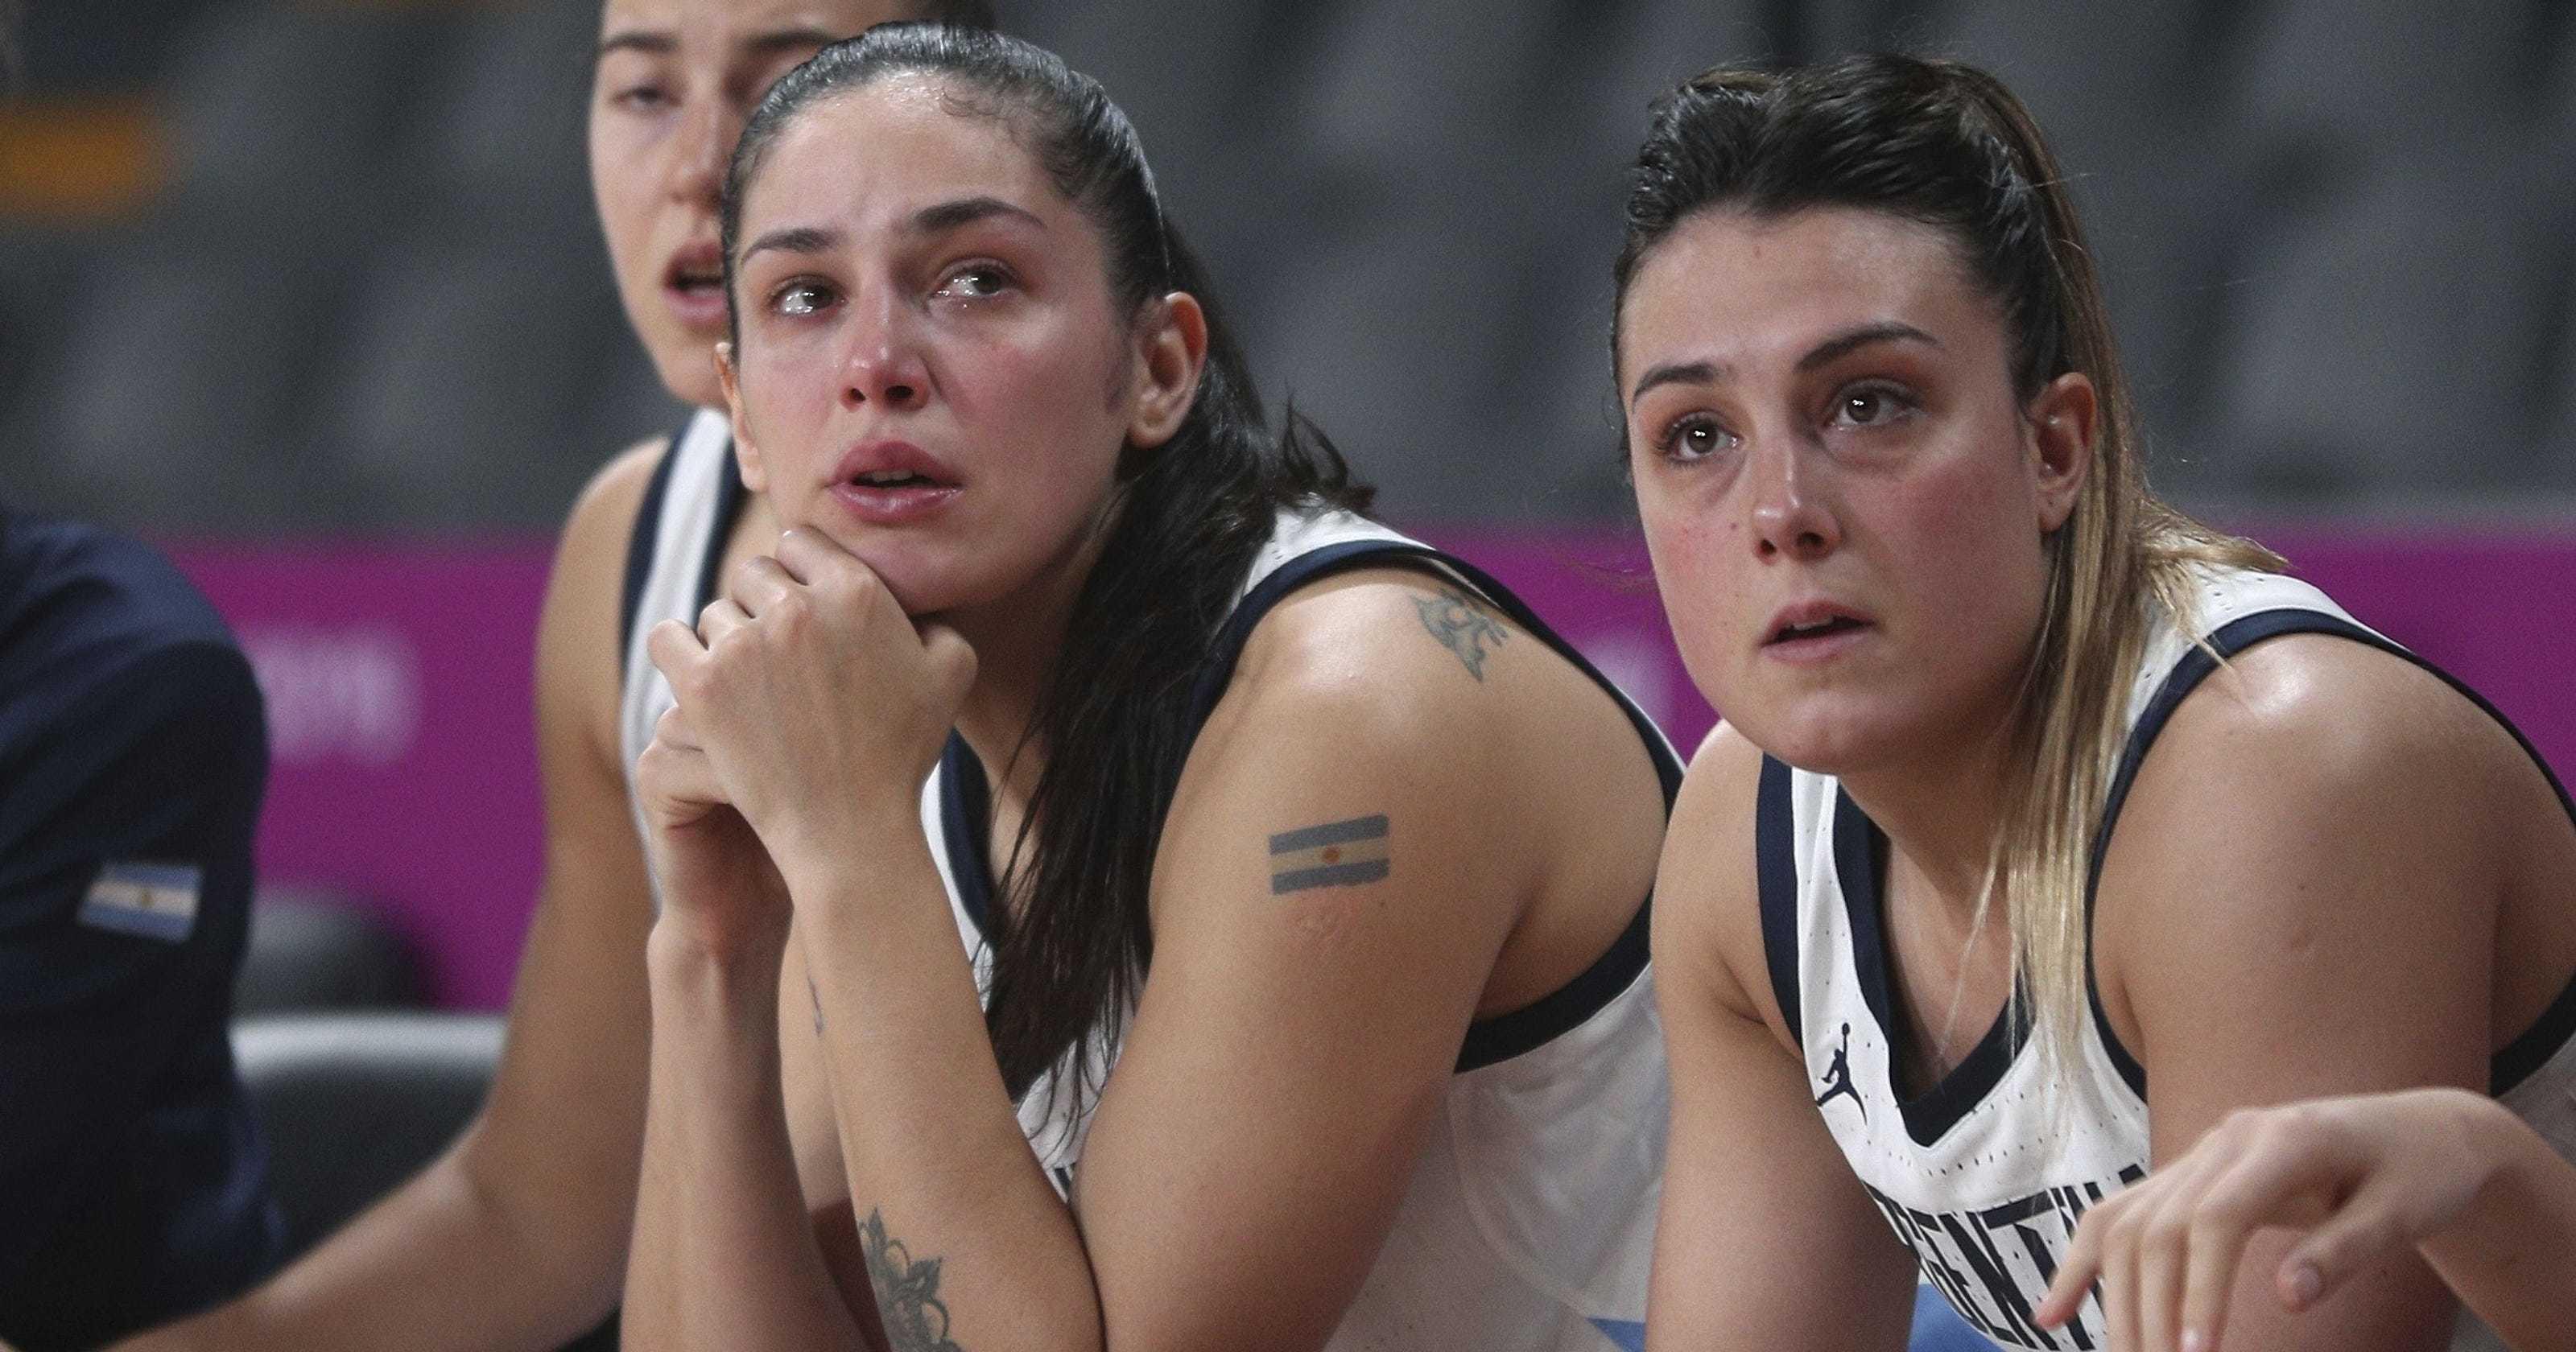 Збірній Аргентини присудили технічну поразку за неправильну форму